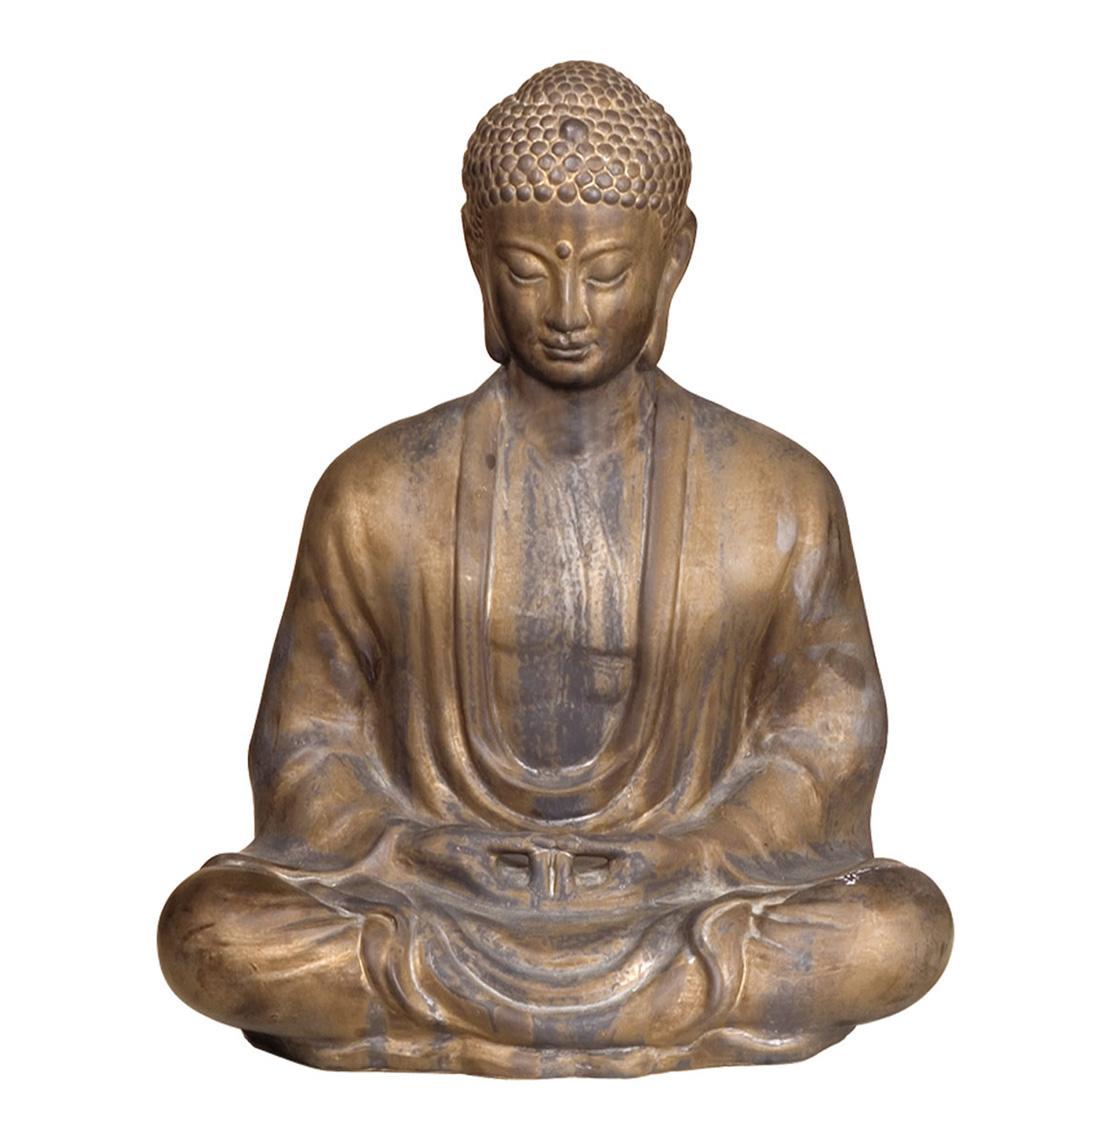 Antique Bronze Ceramic Meditating Buddha Lotus Seat Sculpture - 23 Inch